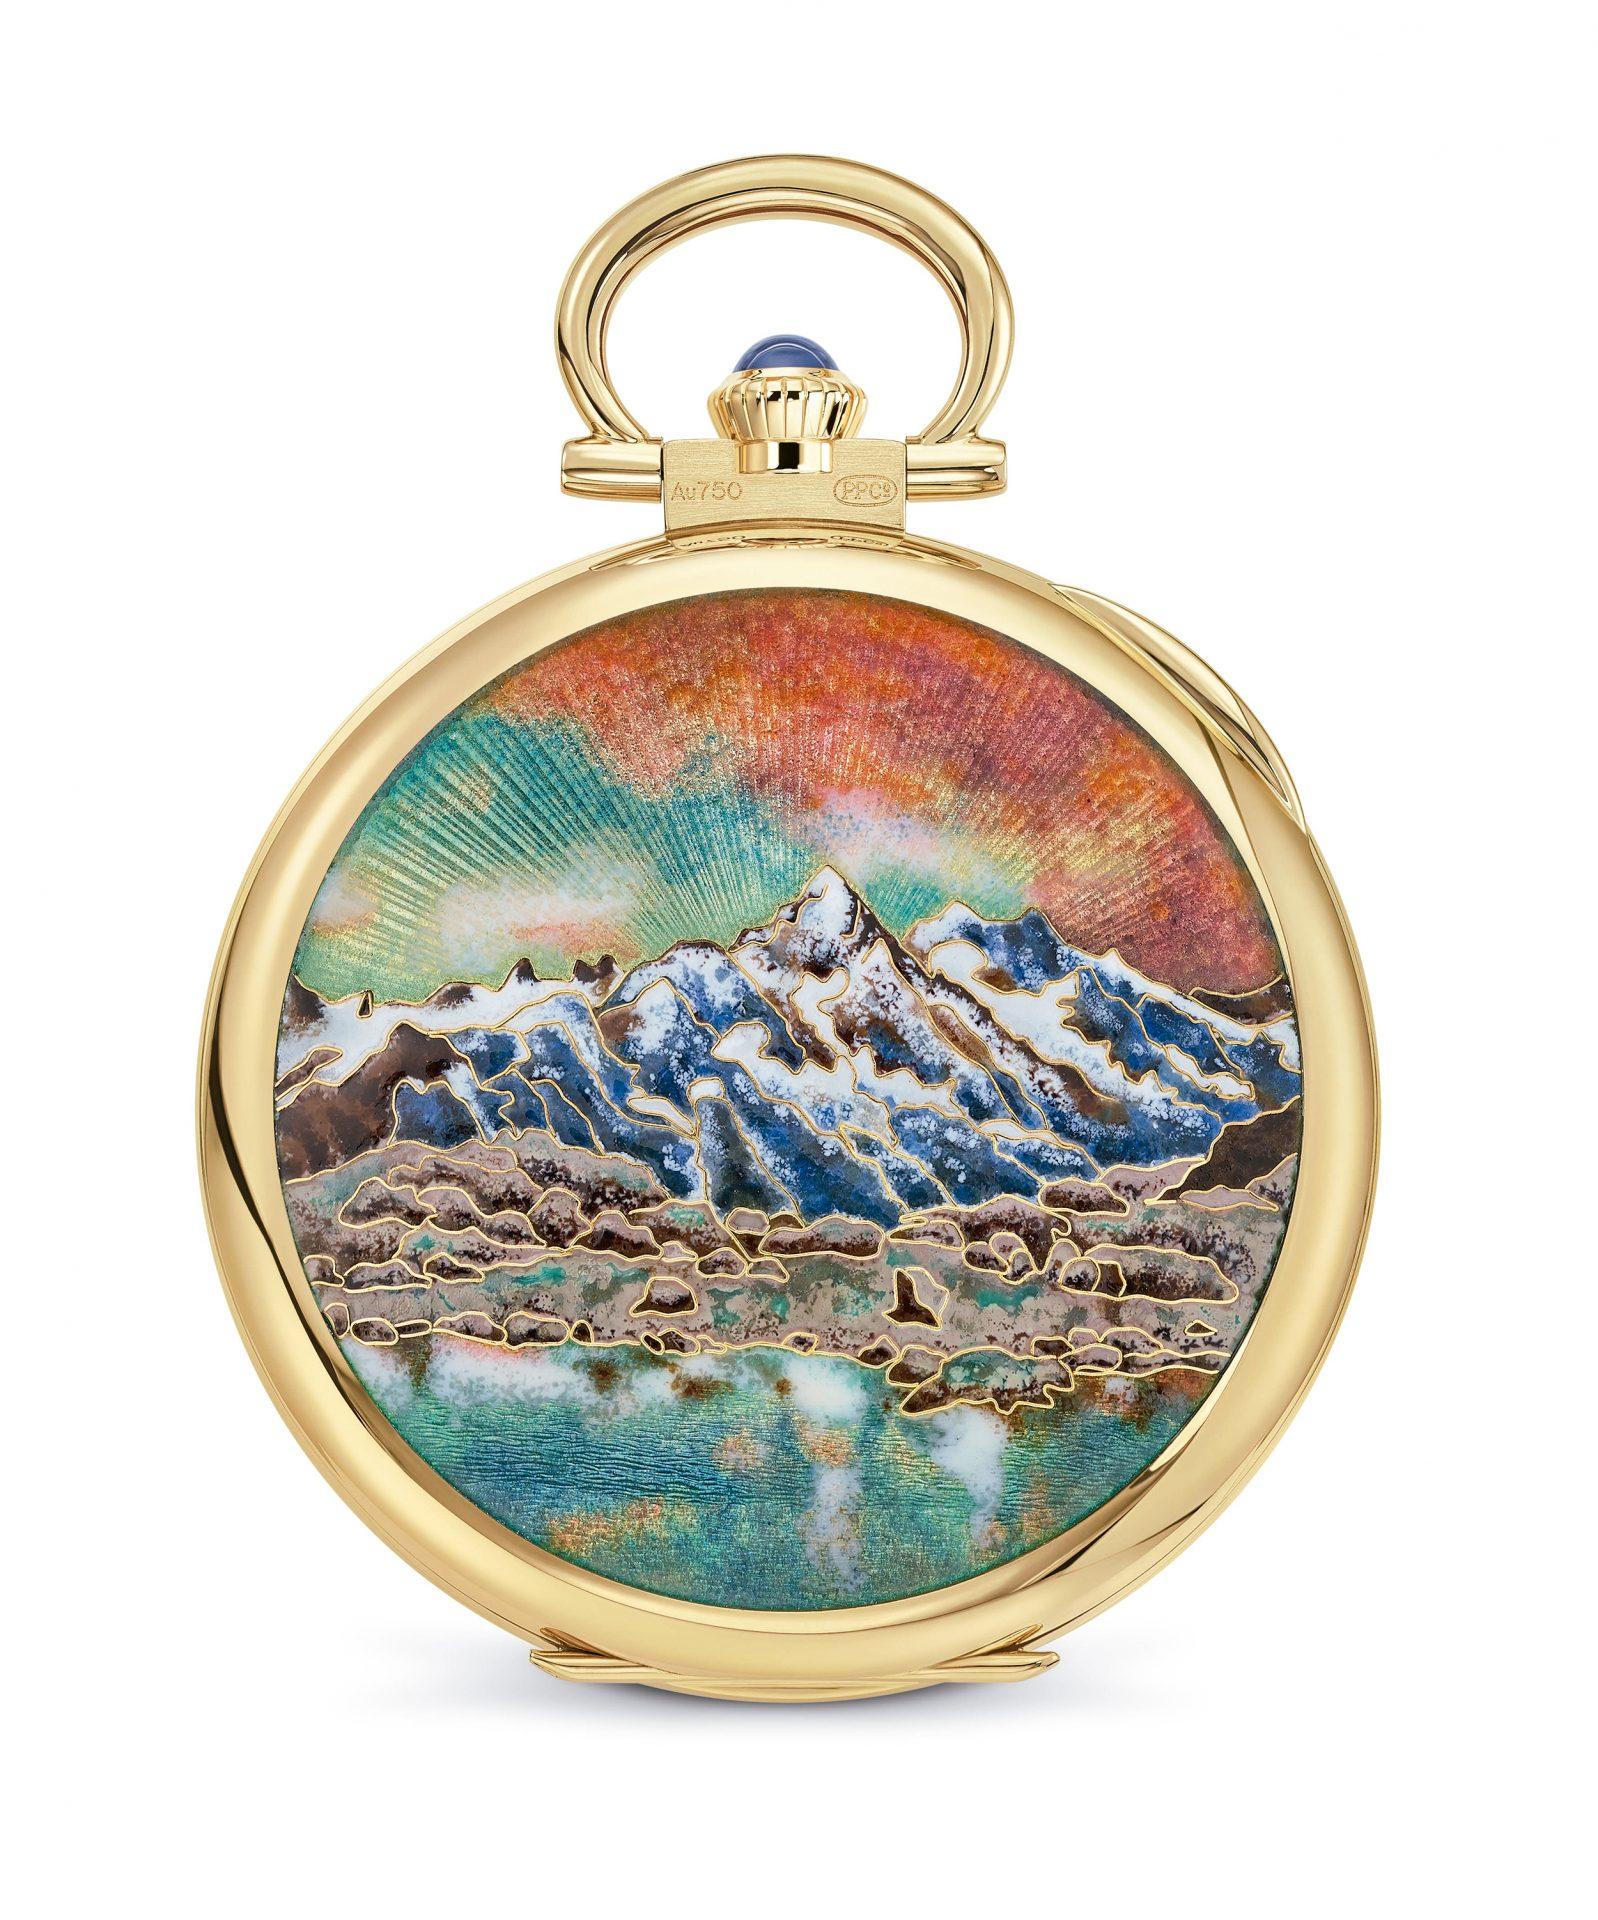 Fondo del Reloj Mont Blanc de Patek